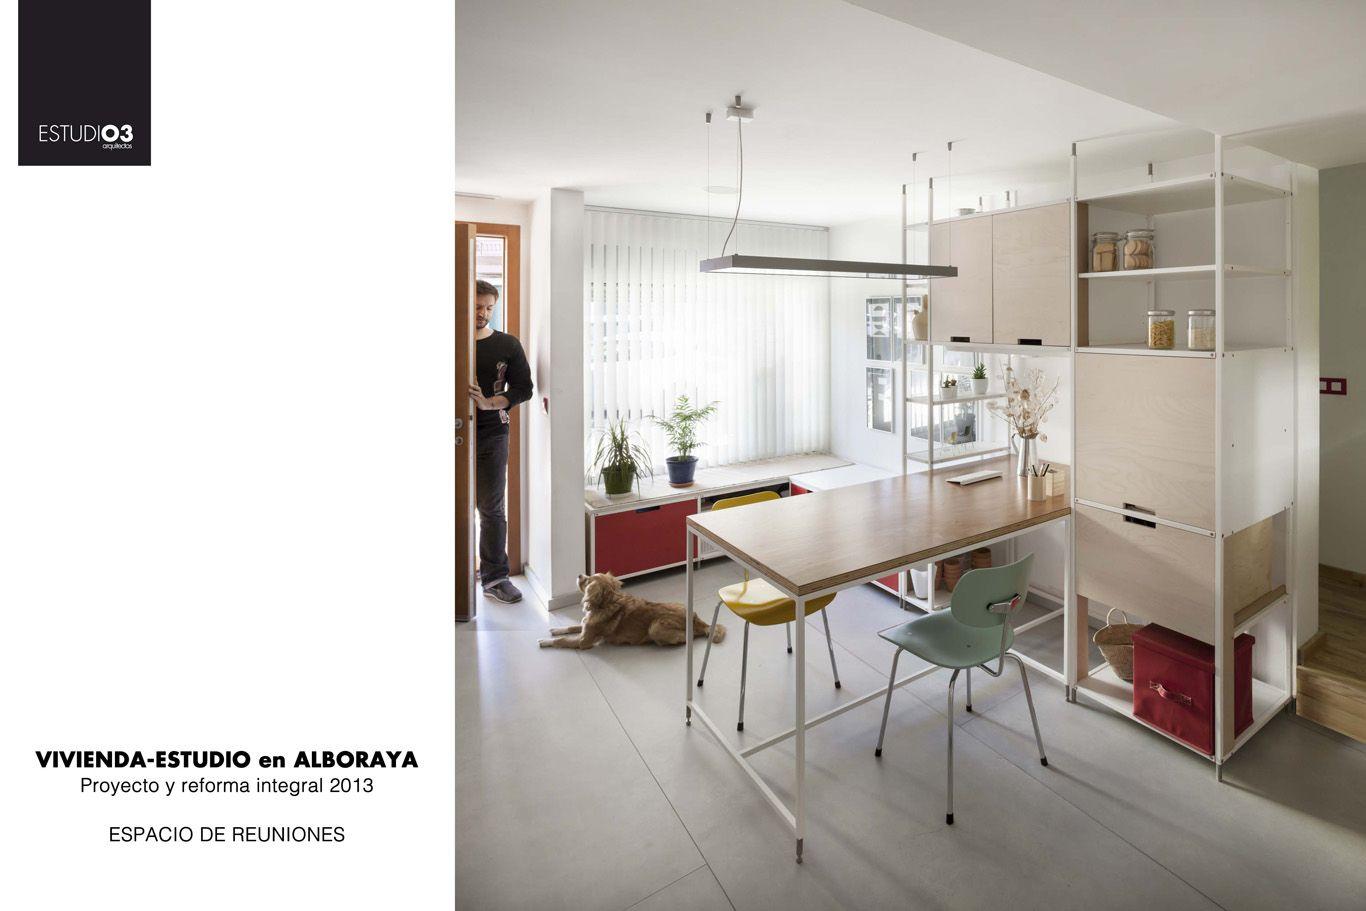 Diseño Interior - espacio de reuniones_Eo3 Arquitectos